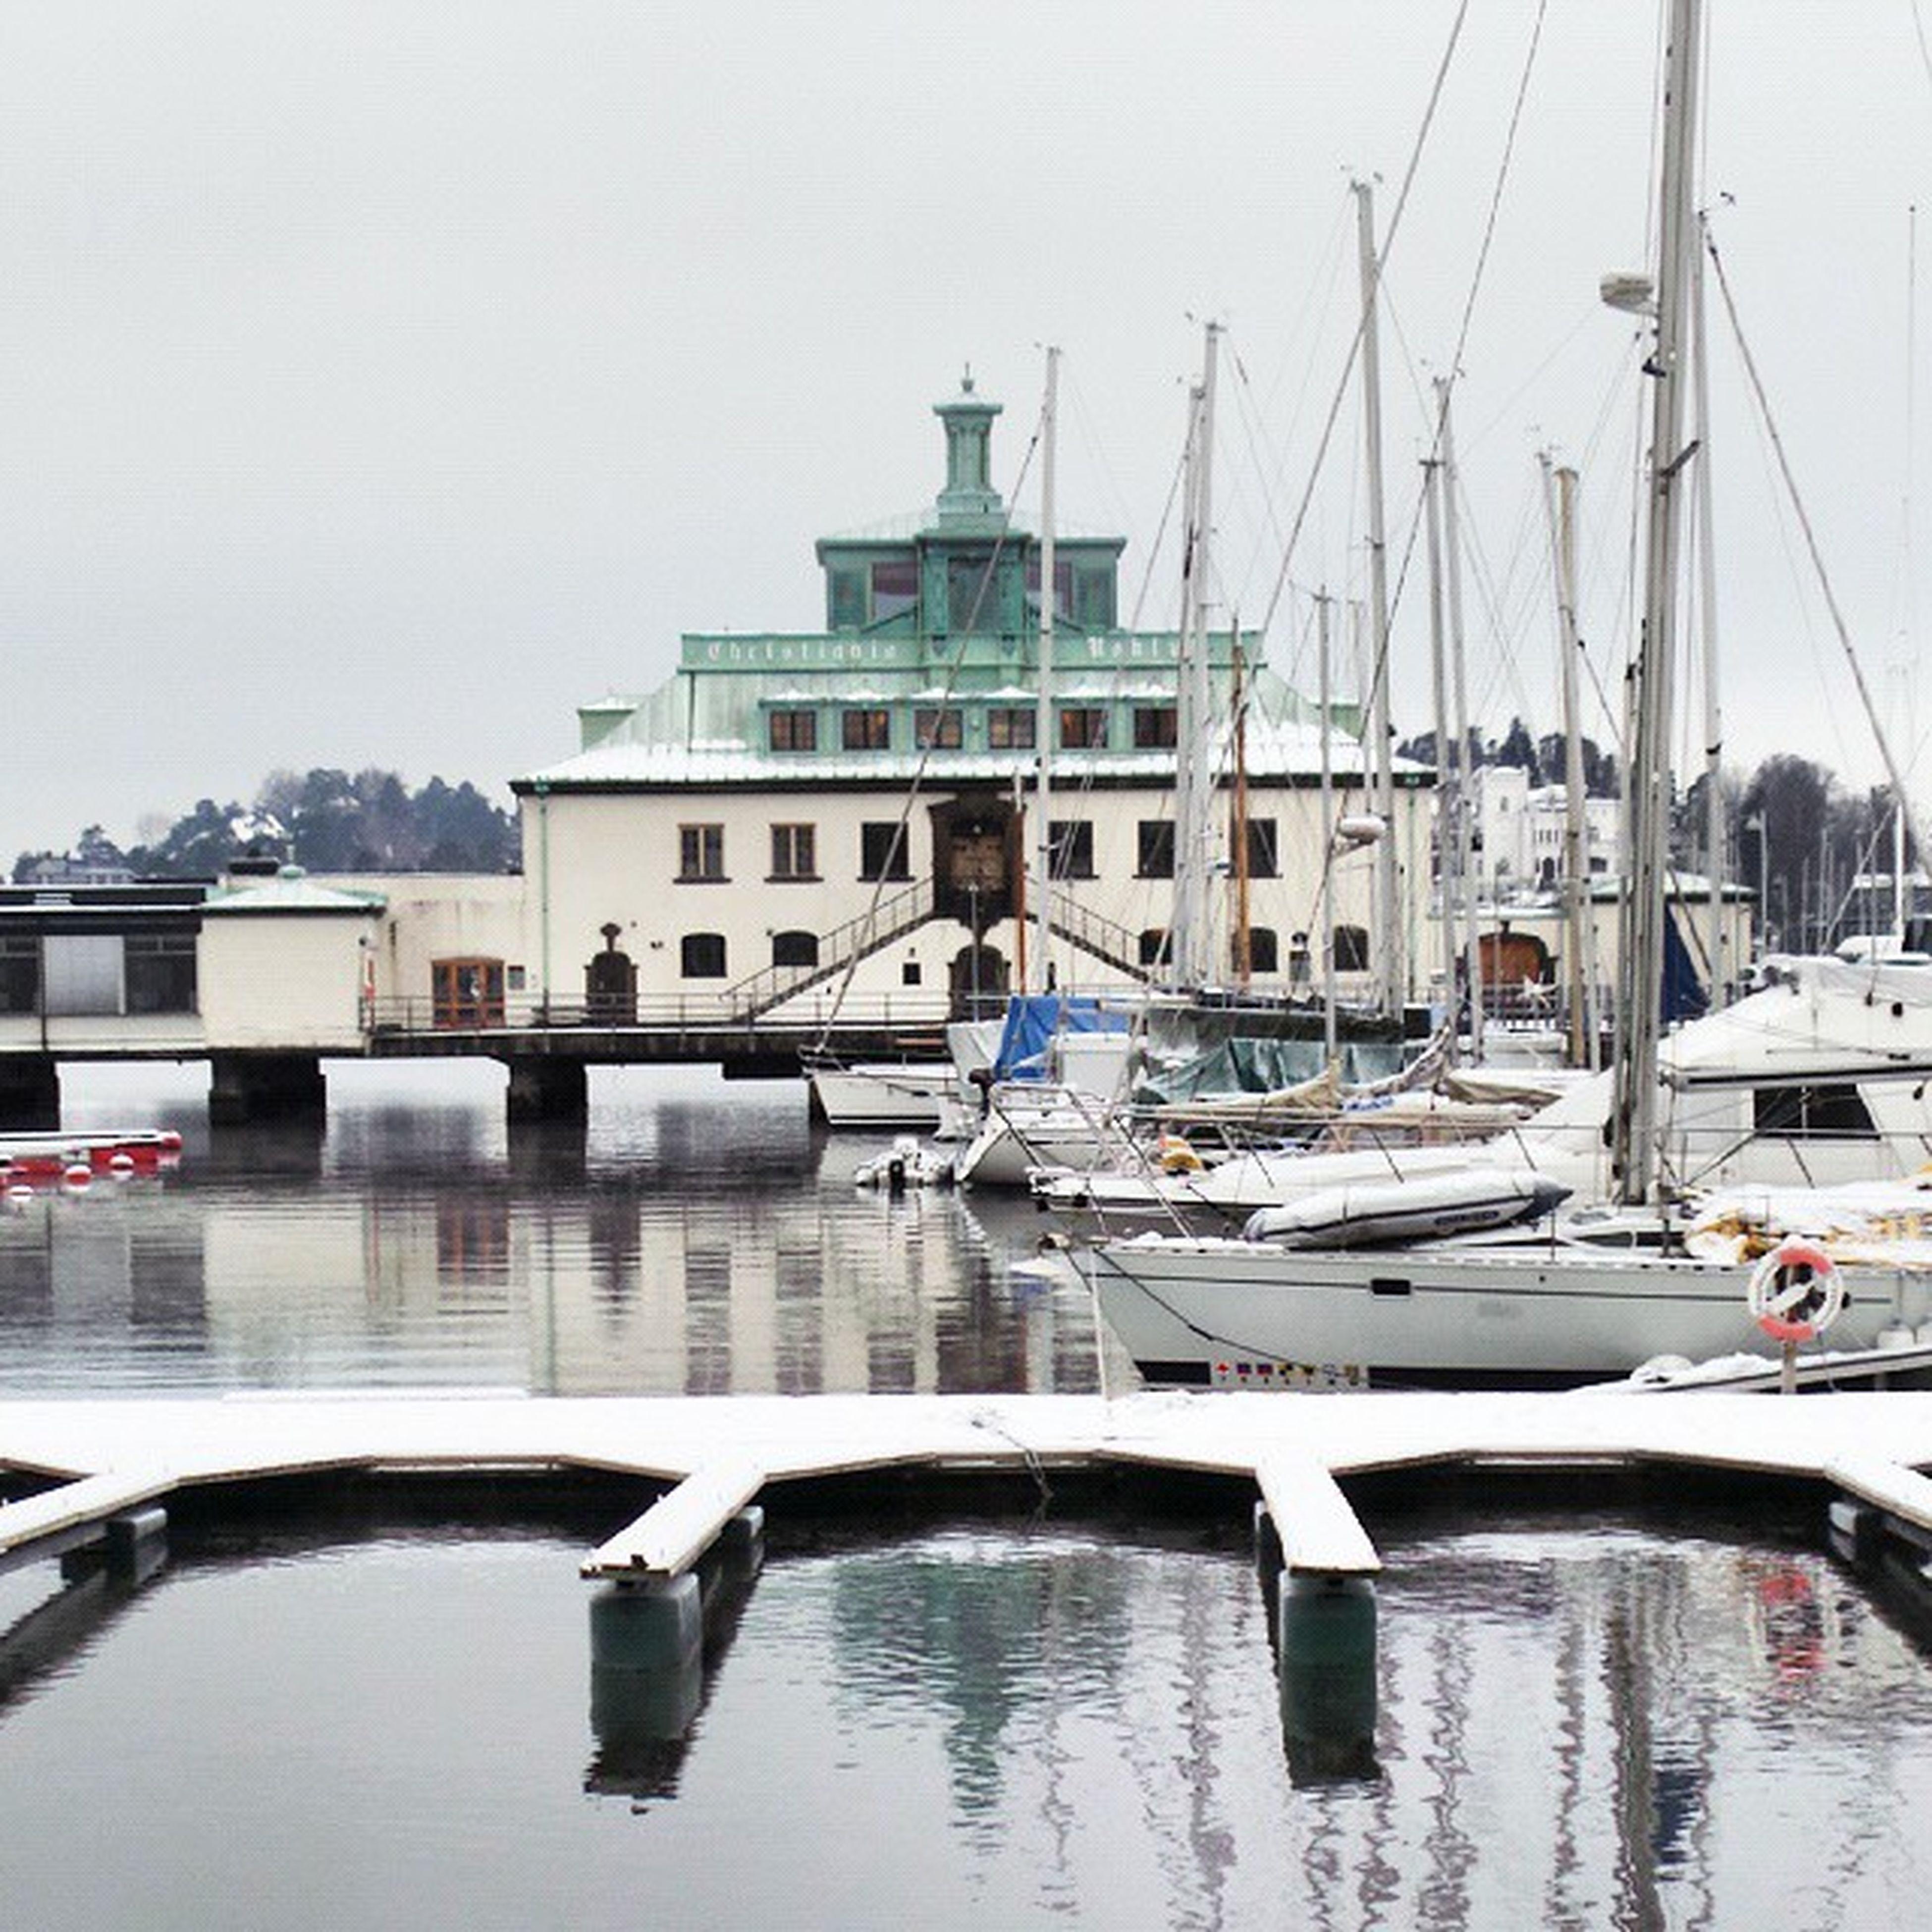 Kristianiaroklub Oslo Norway Norwegen